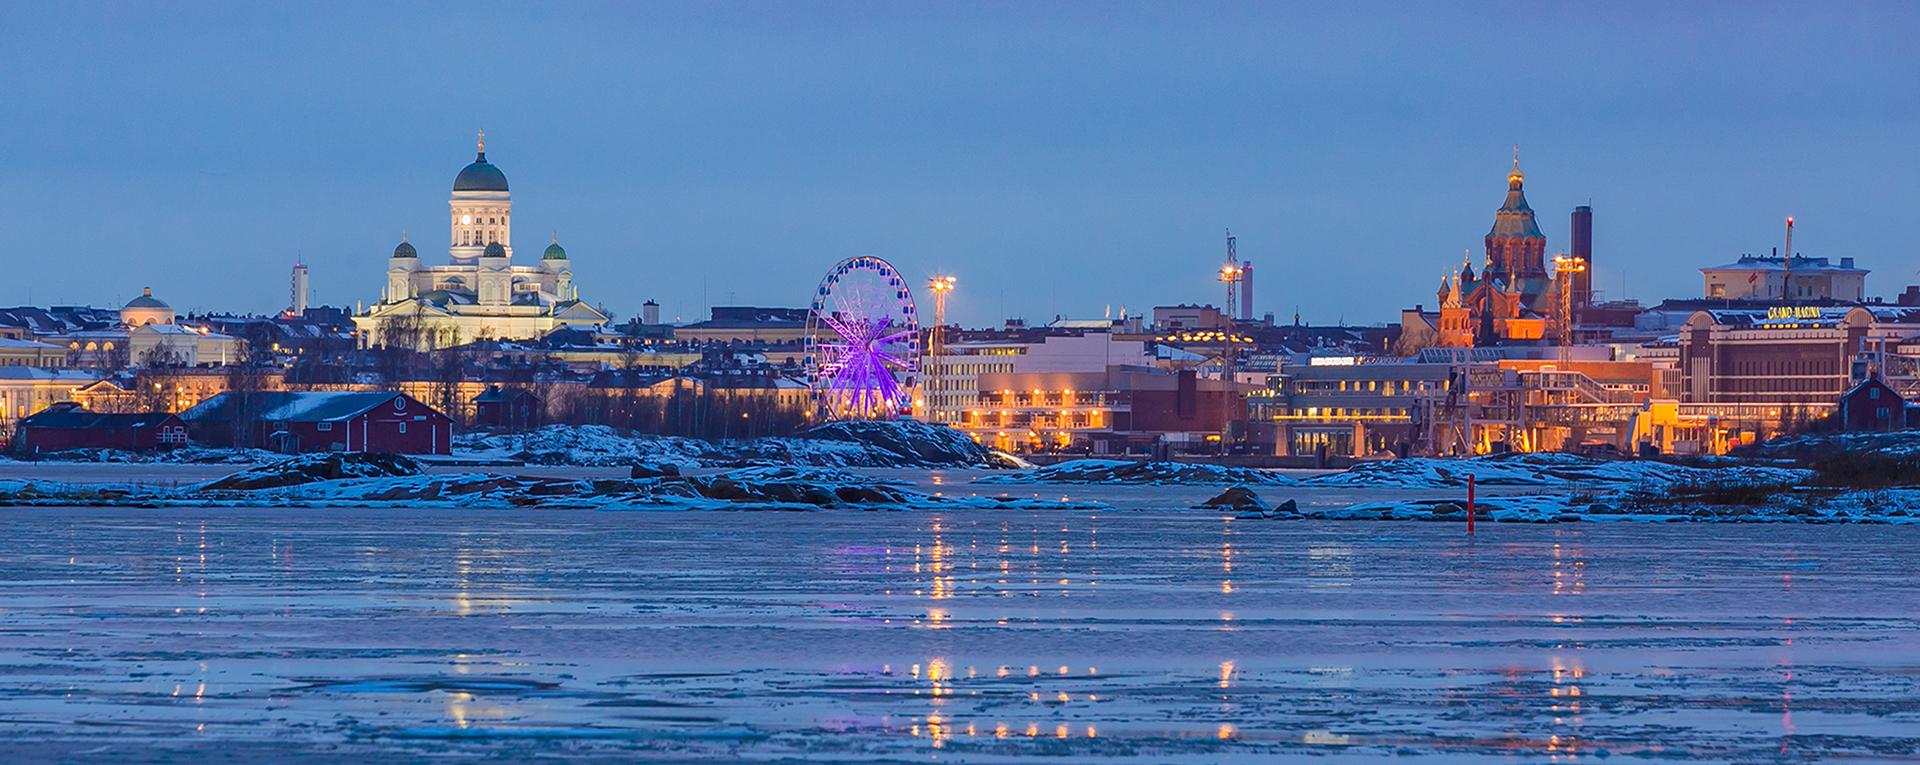 Helsinki Horizons 2020 1920x765